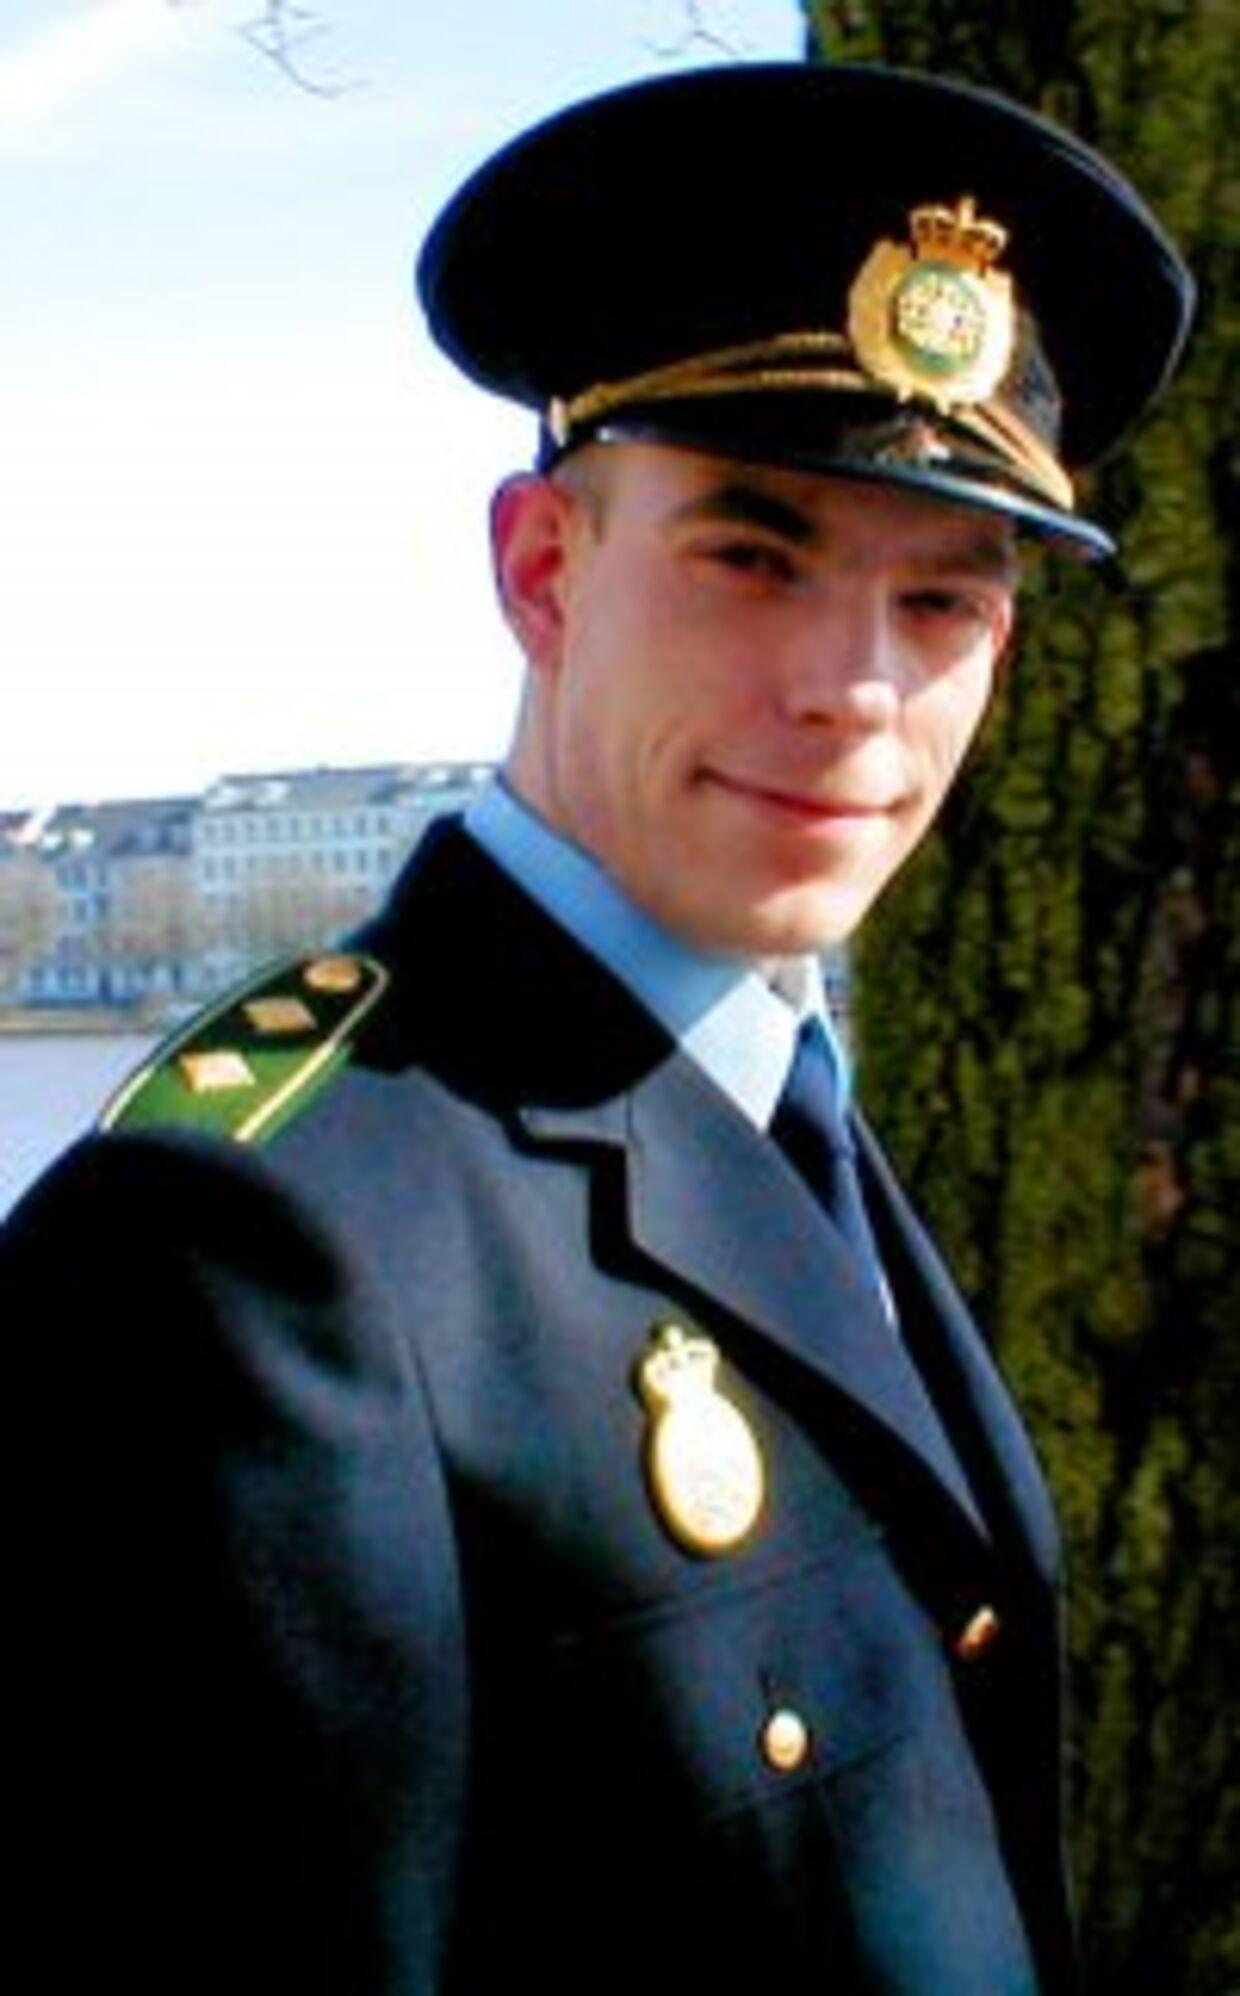 Mads Steen, manden bag den falske TV-Avis, der godt kan lide at tage fusen på autoriteter. Her er hans profilbillede fra Facebook, hvor han er iført to-stjernet politiuniform.